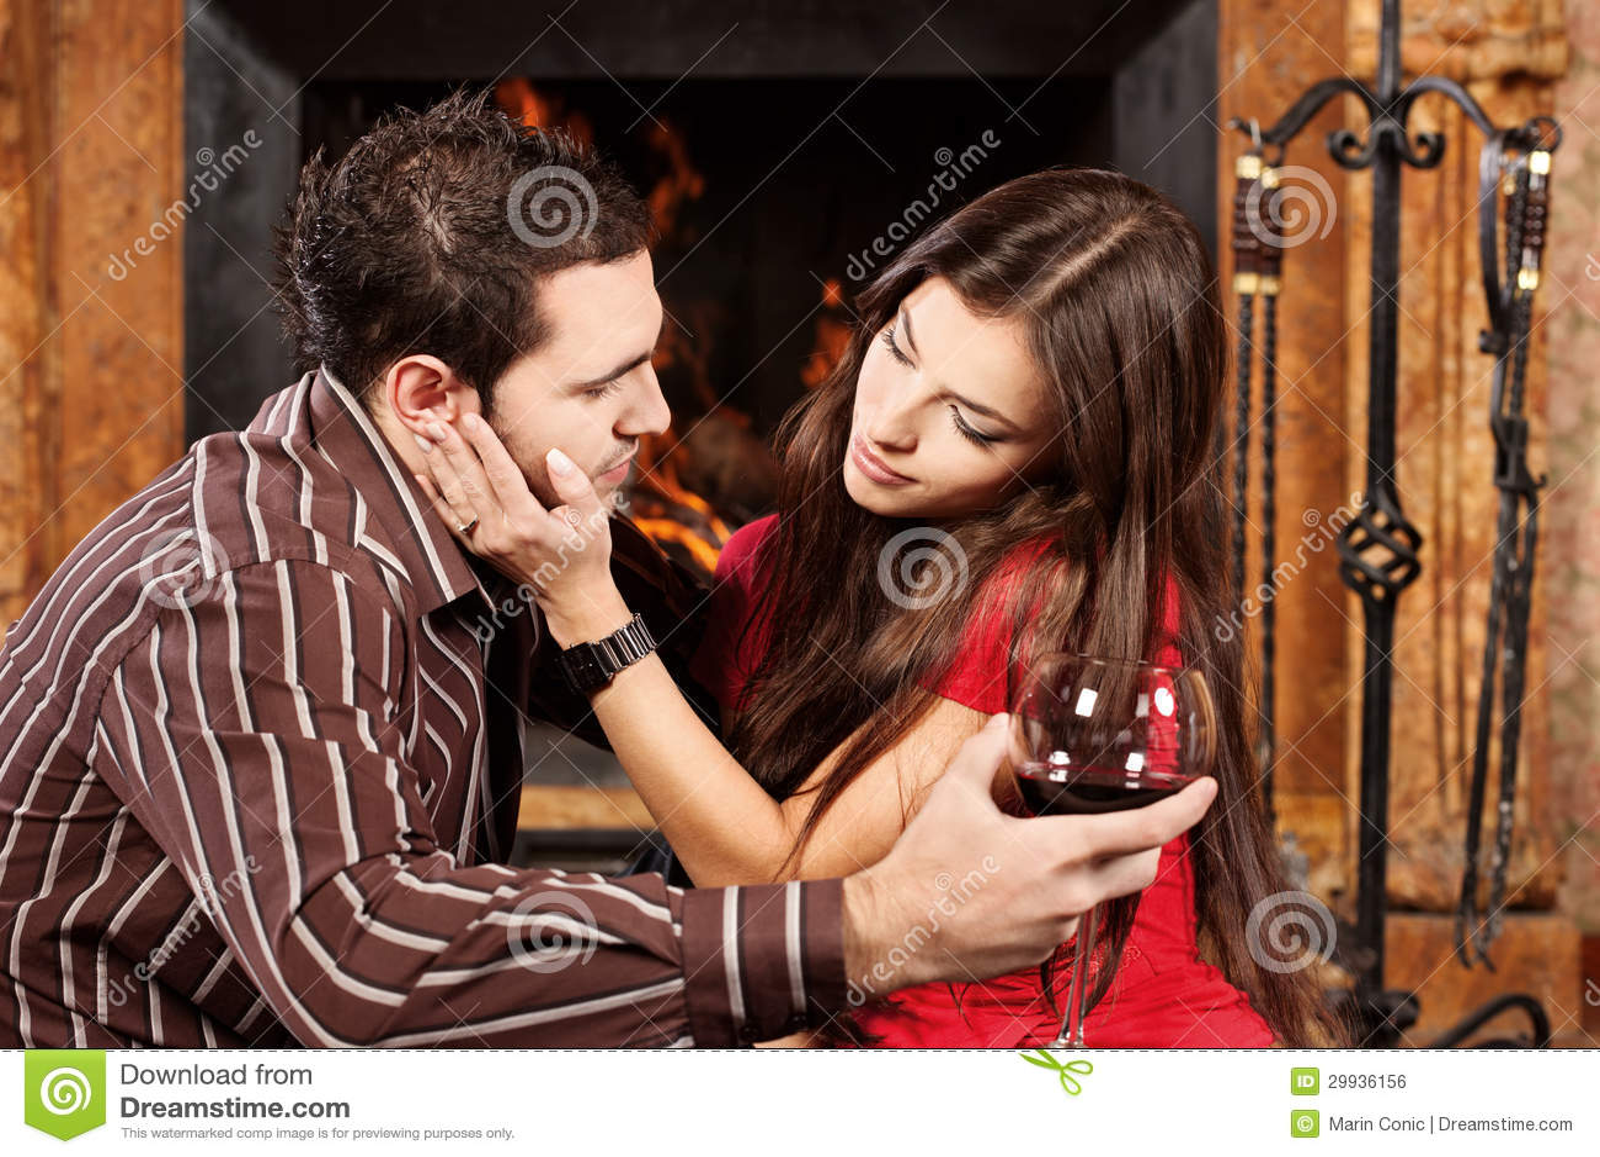 How to caress a man 5